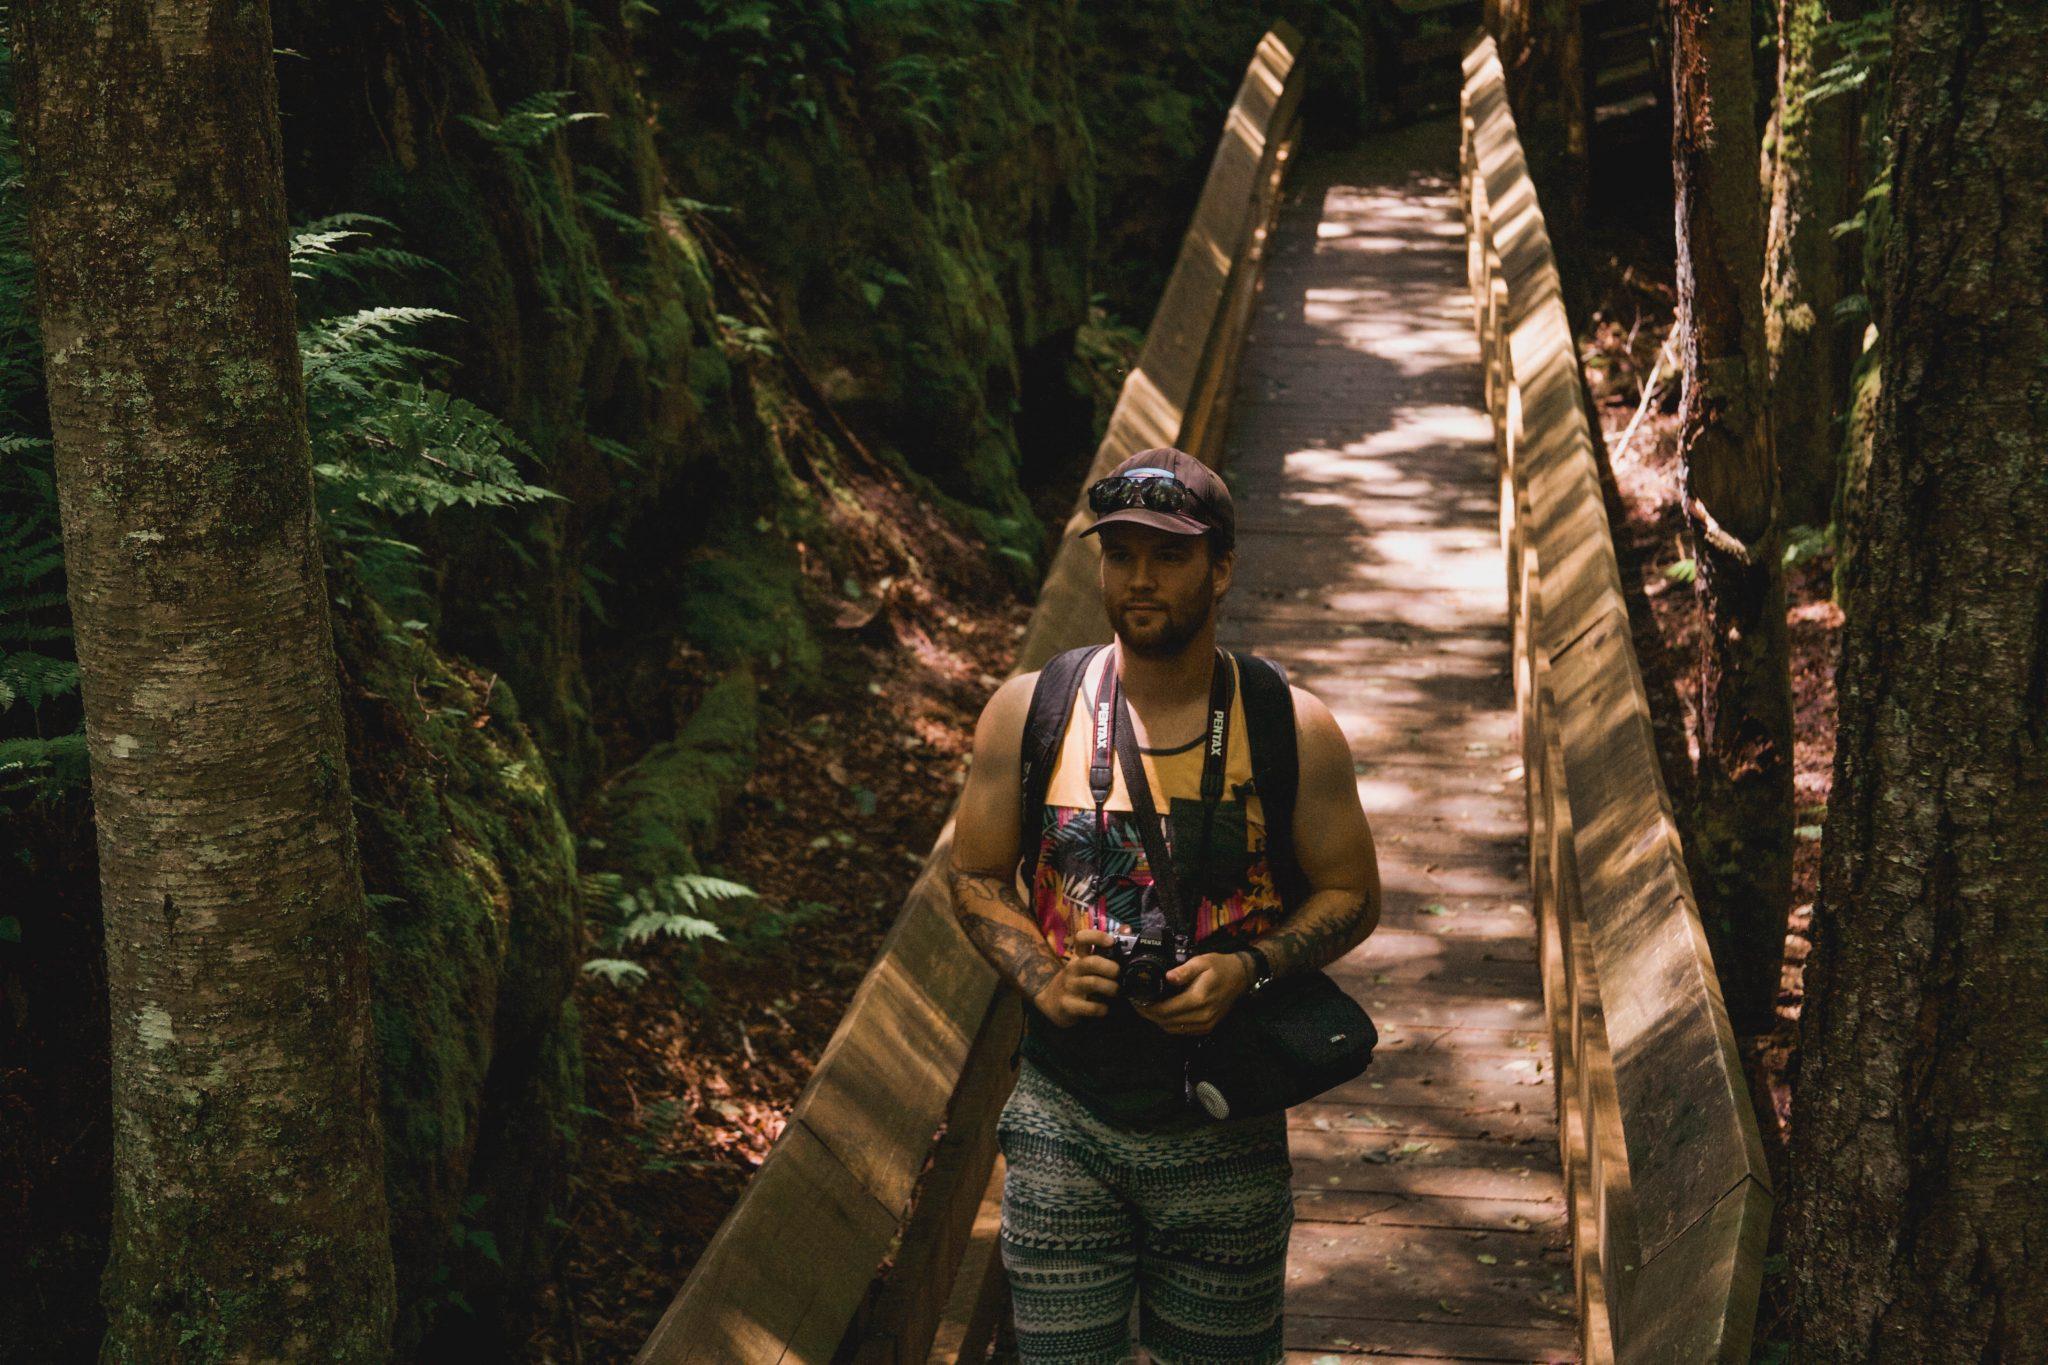 talking a stroll along the boardwalk in Beartown State Park